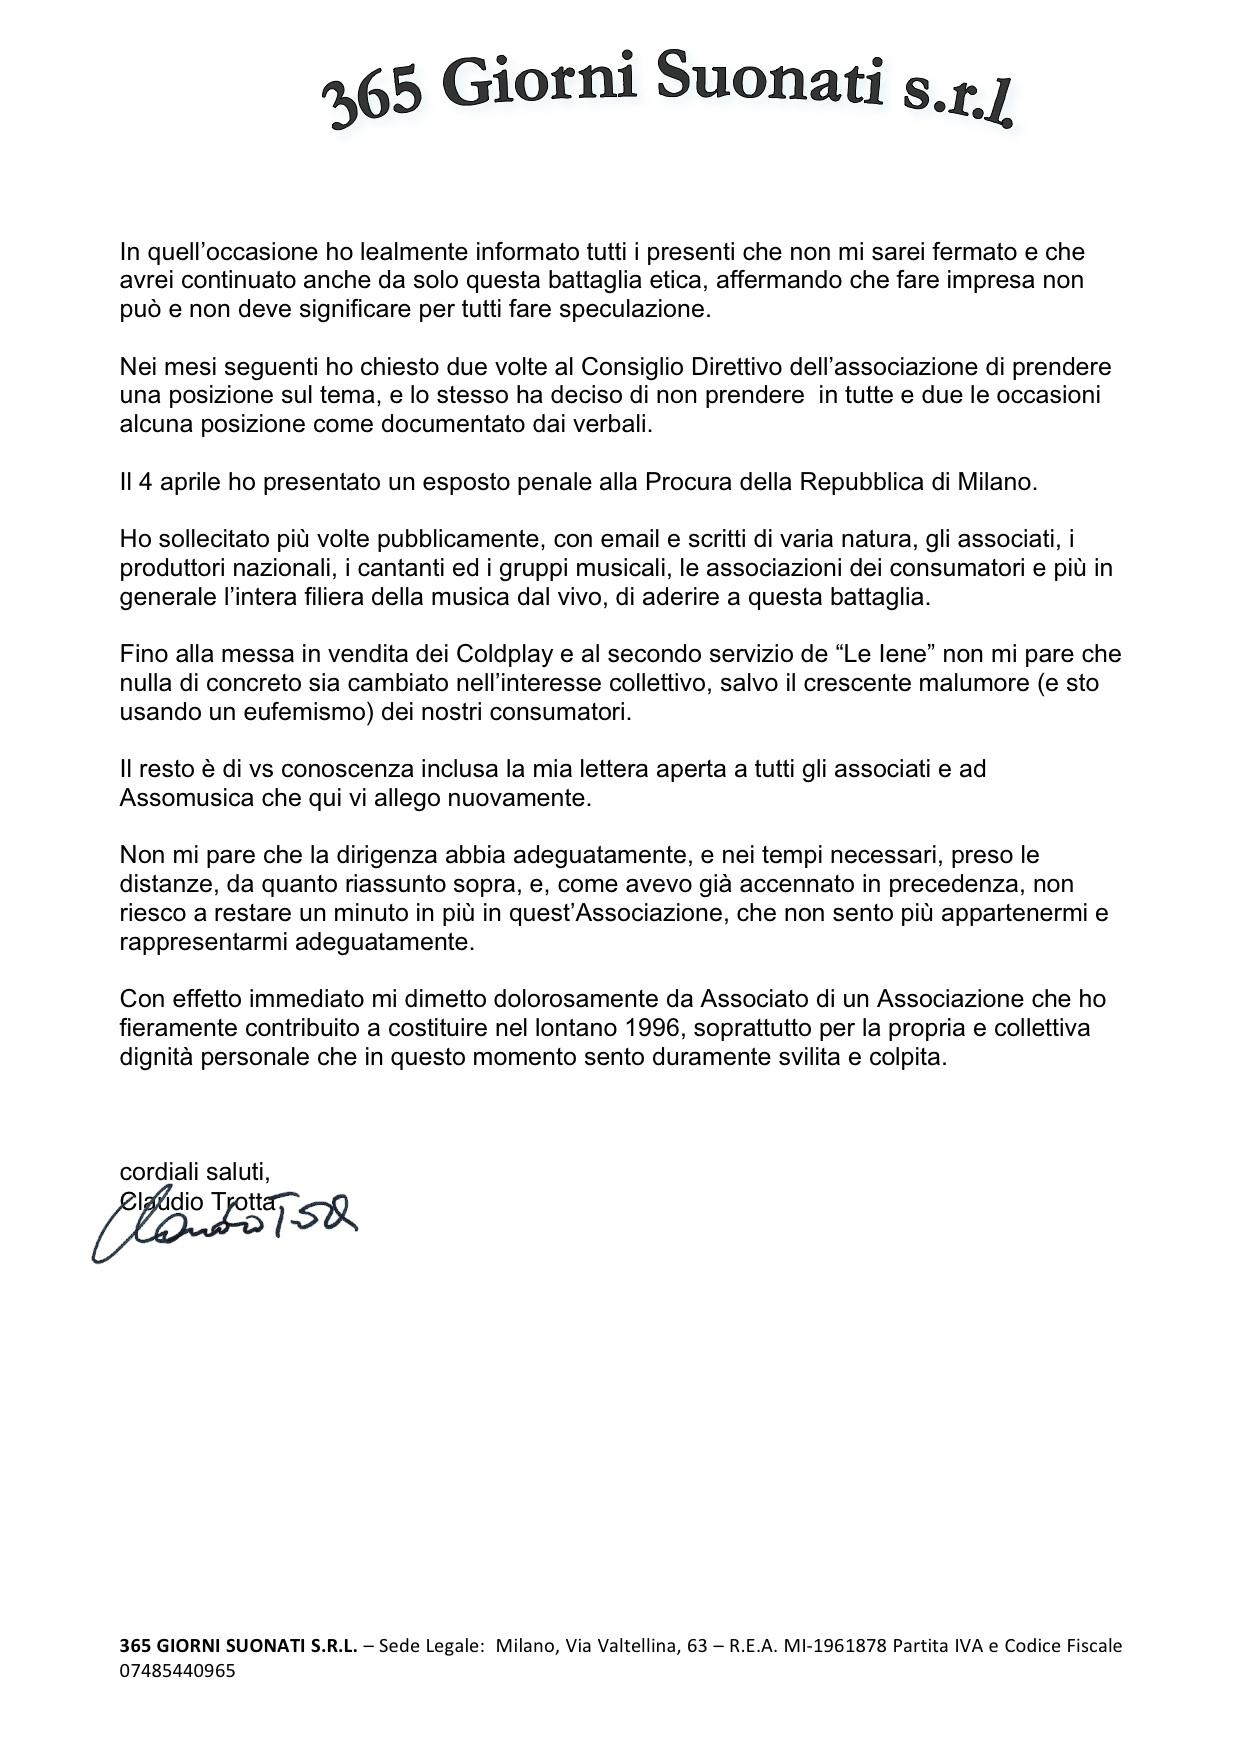 Claudio Trotta2